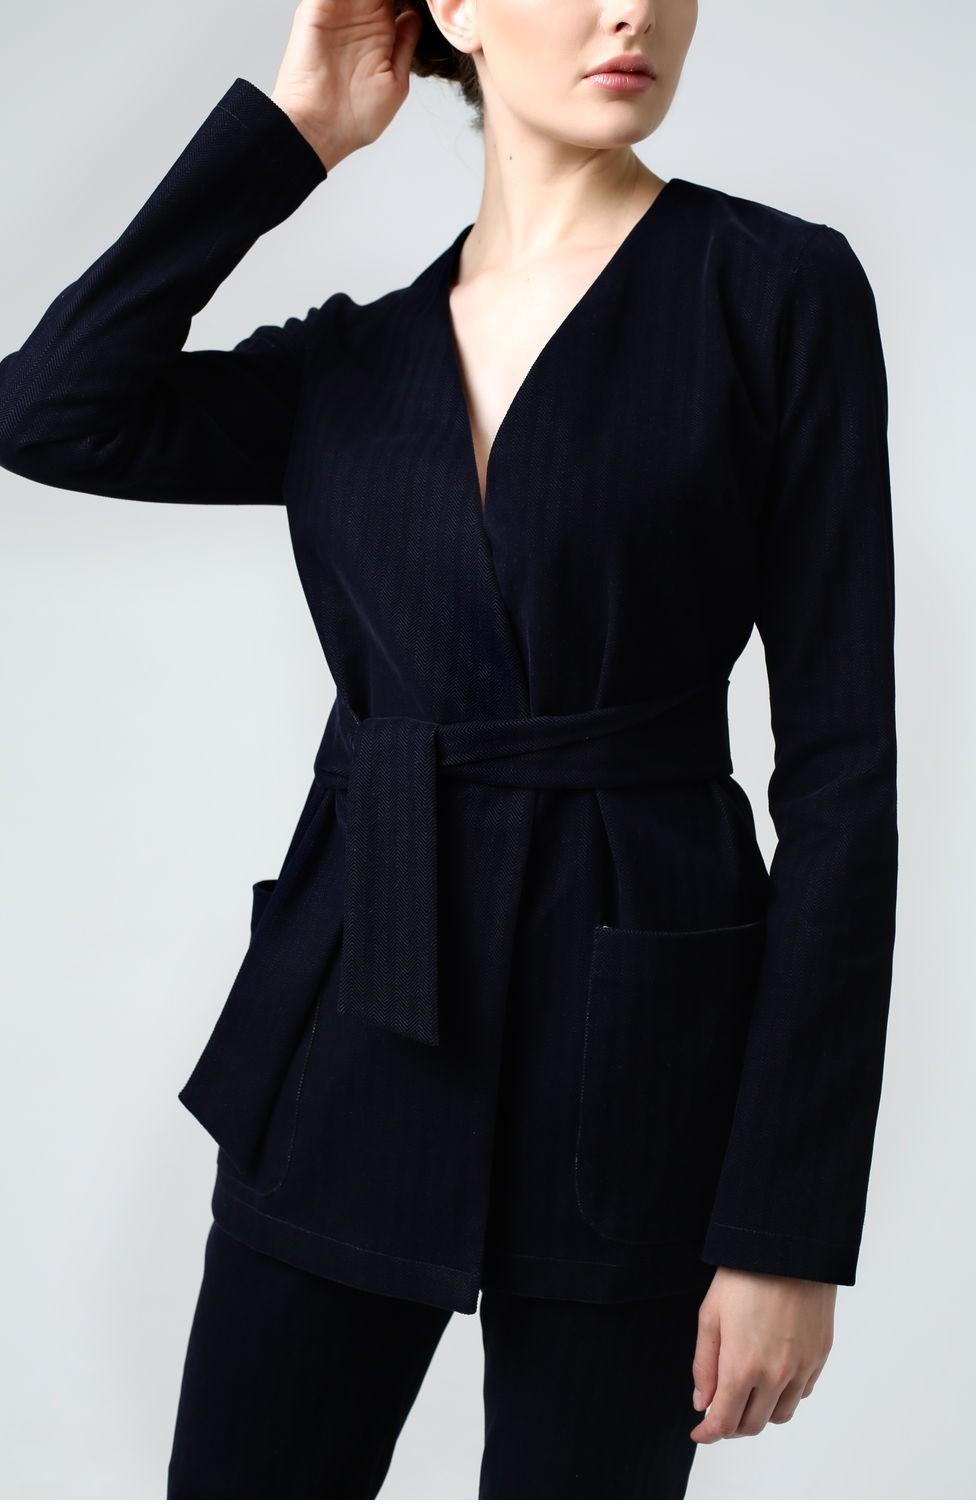 модная зима 2019-2020: костюм синий вельветовый